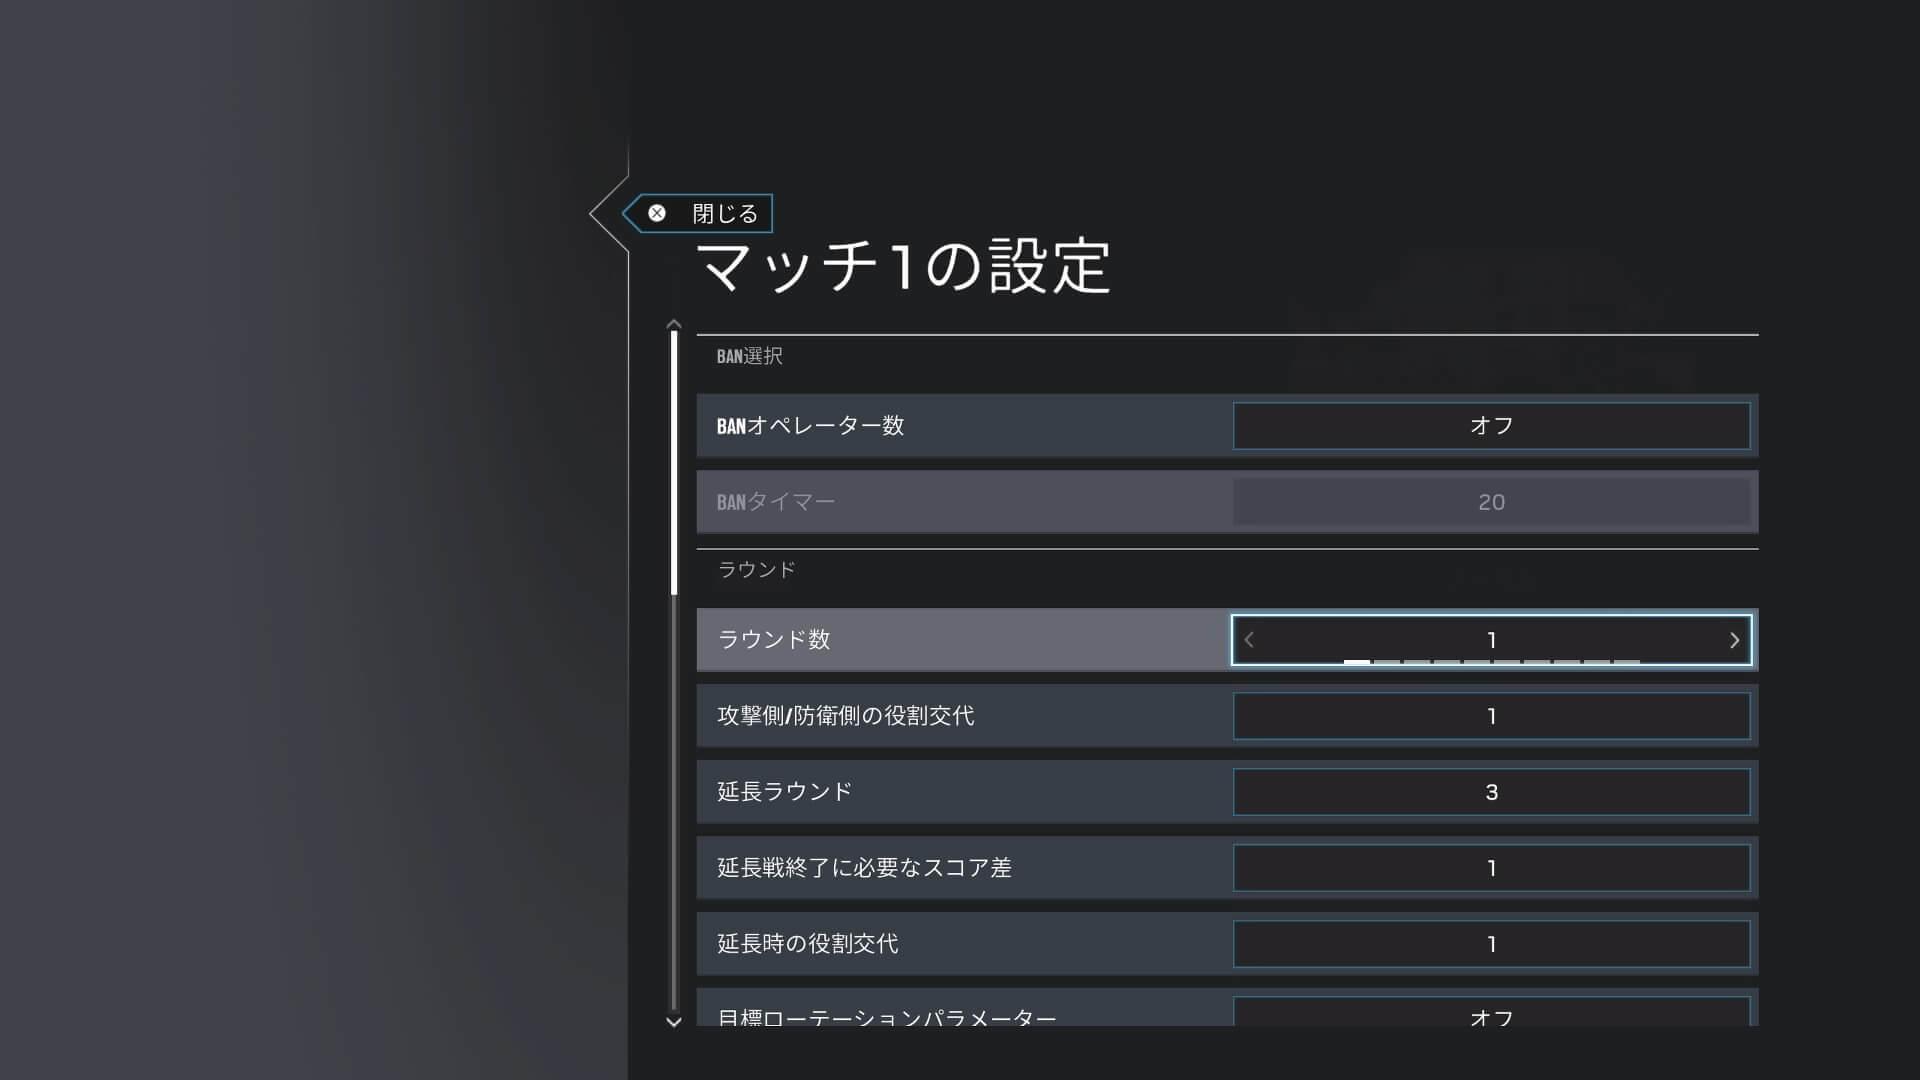 r6sのカスタムゲームマッチ設定